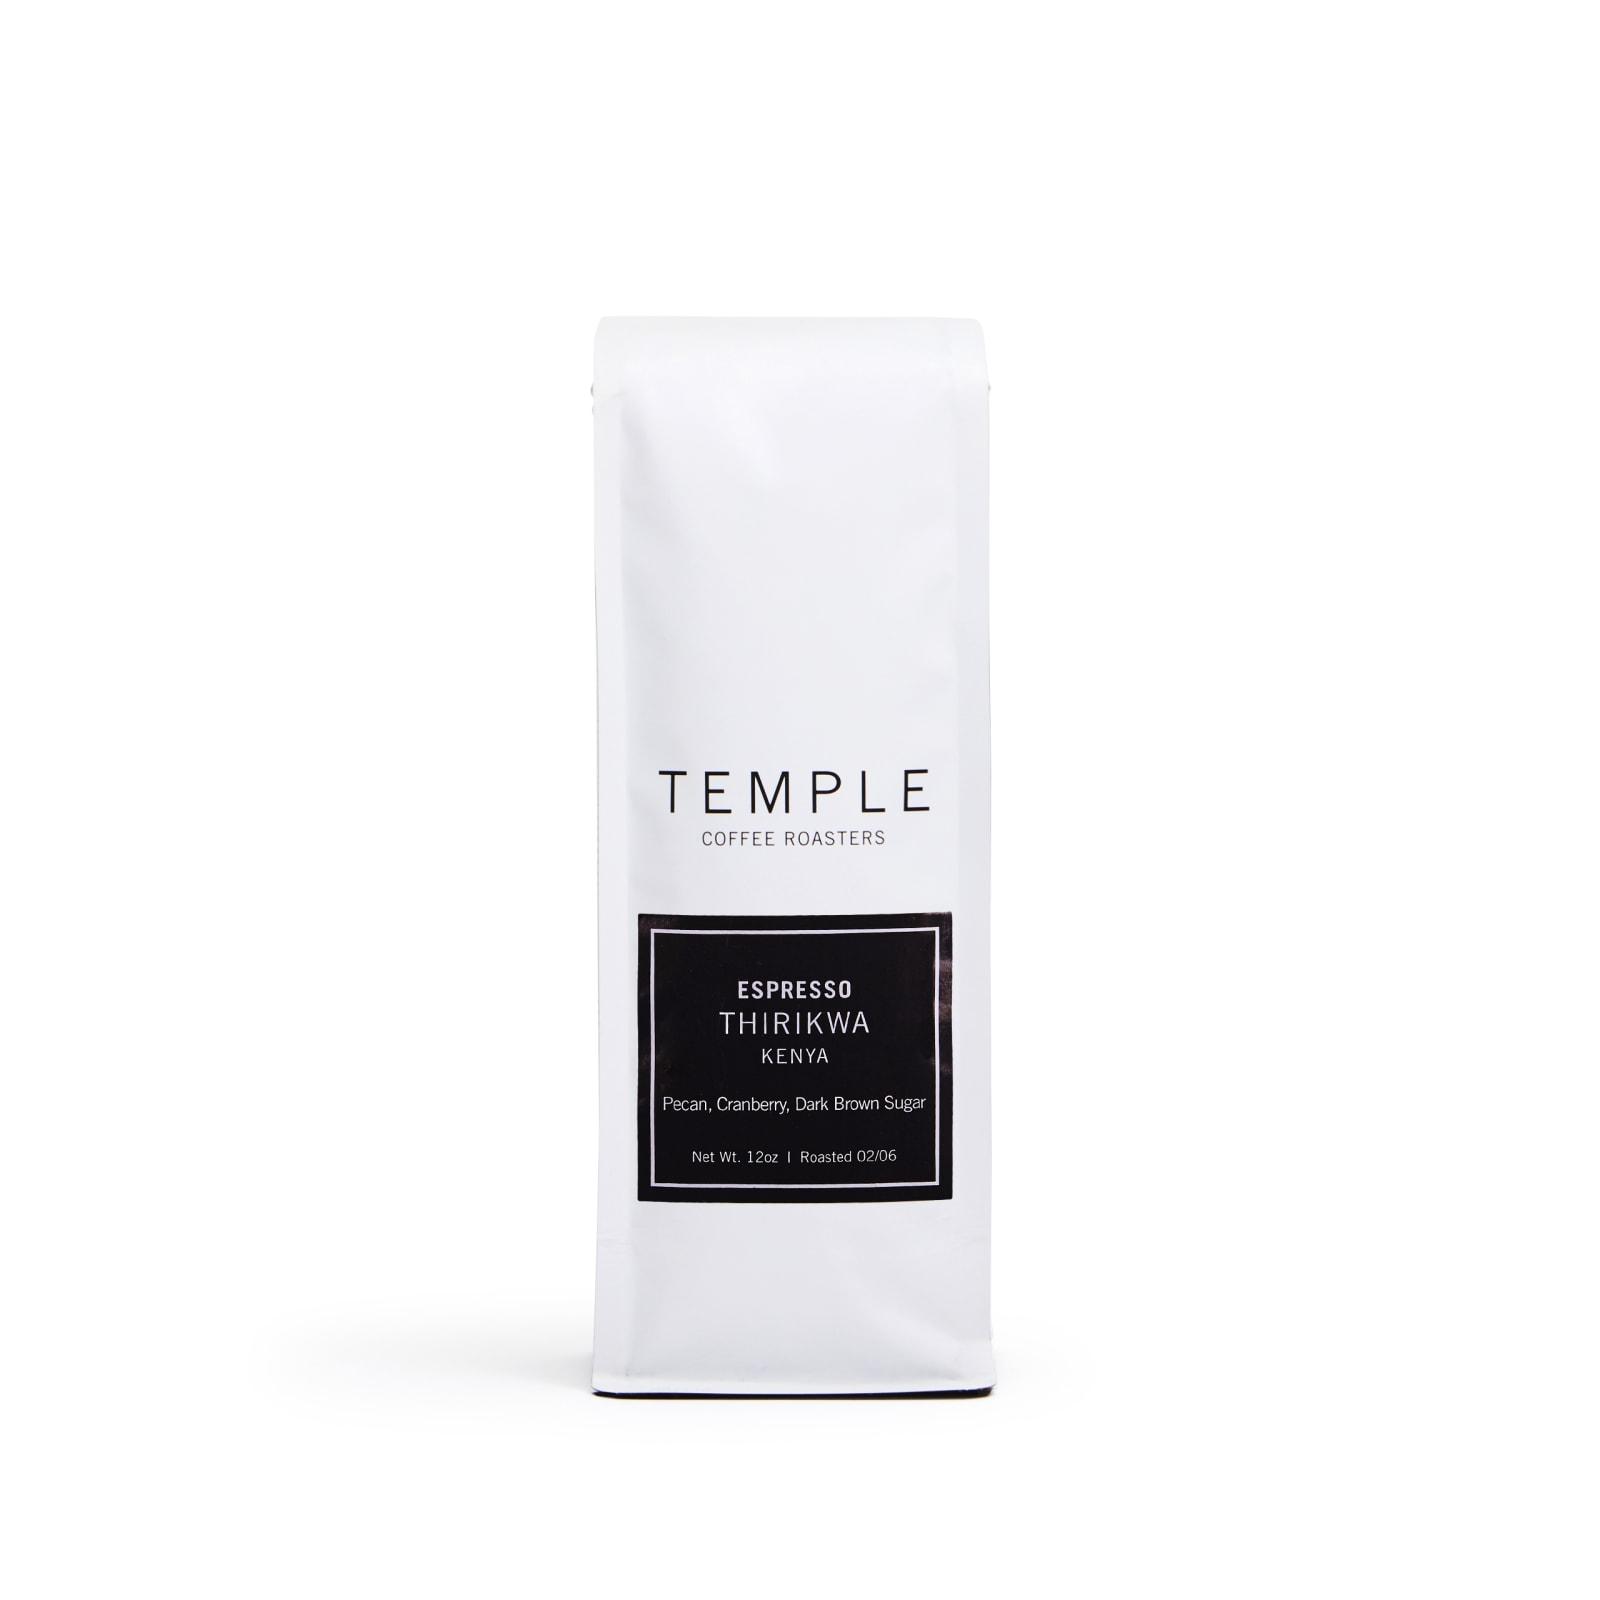 Kenya Thirikwa Single Origin Espresso